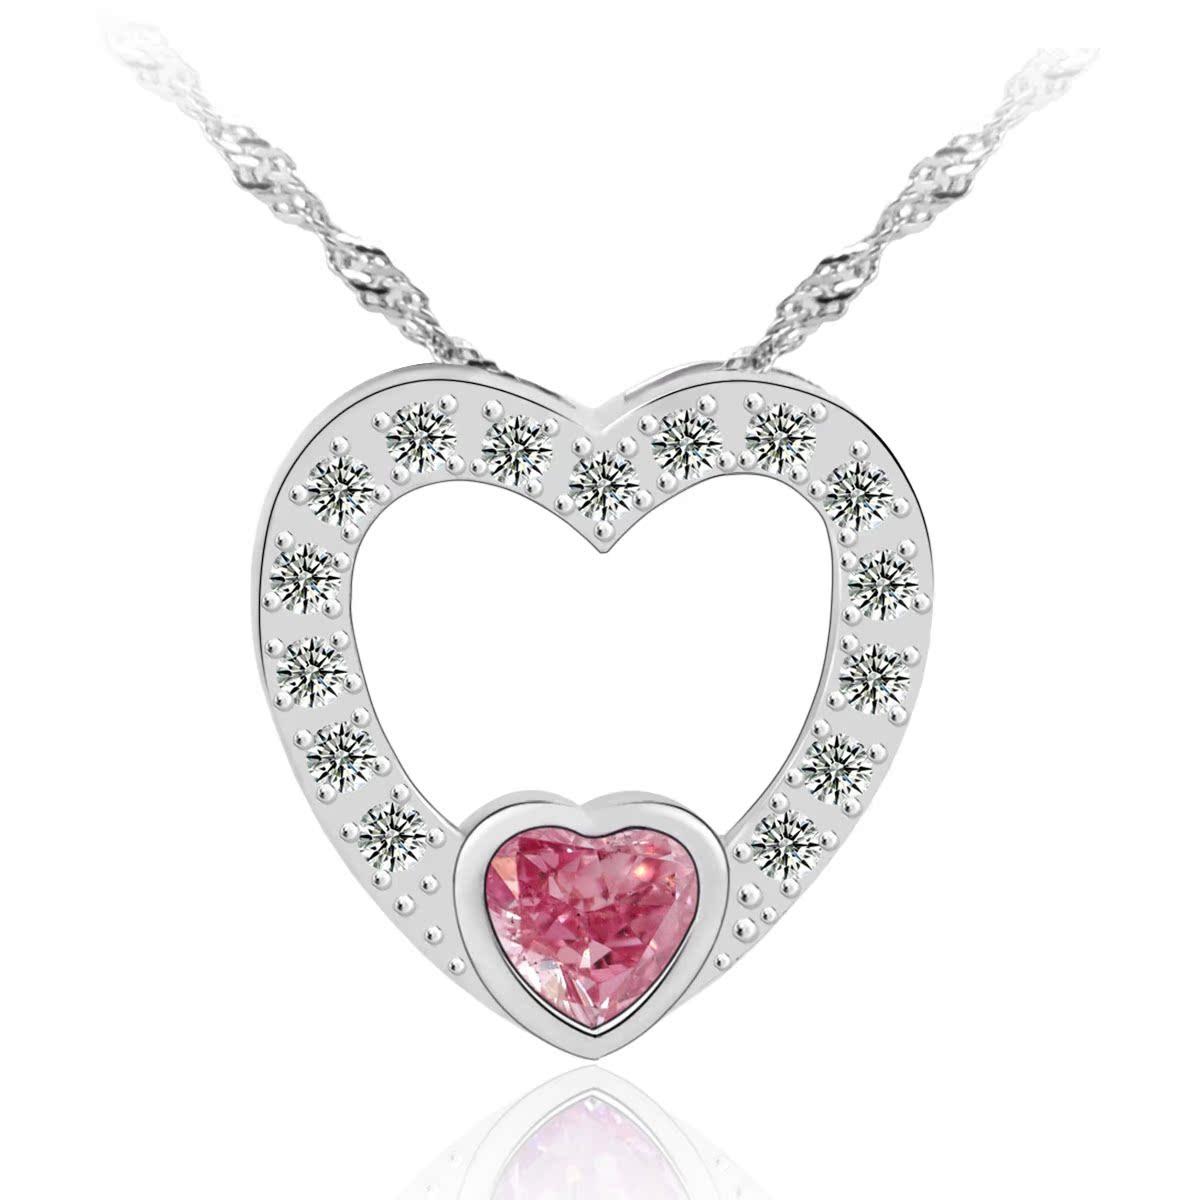 根号 925纯银项链女 短款 锁骨银首饰品 生日情人节礼物 粉色爱恋